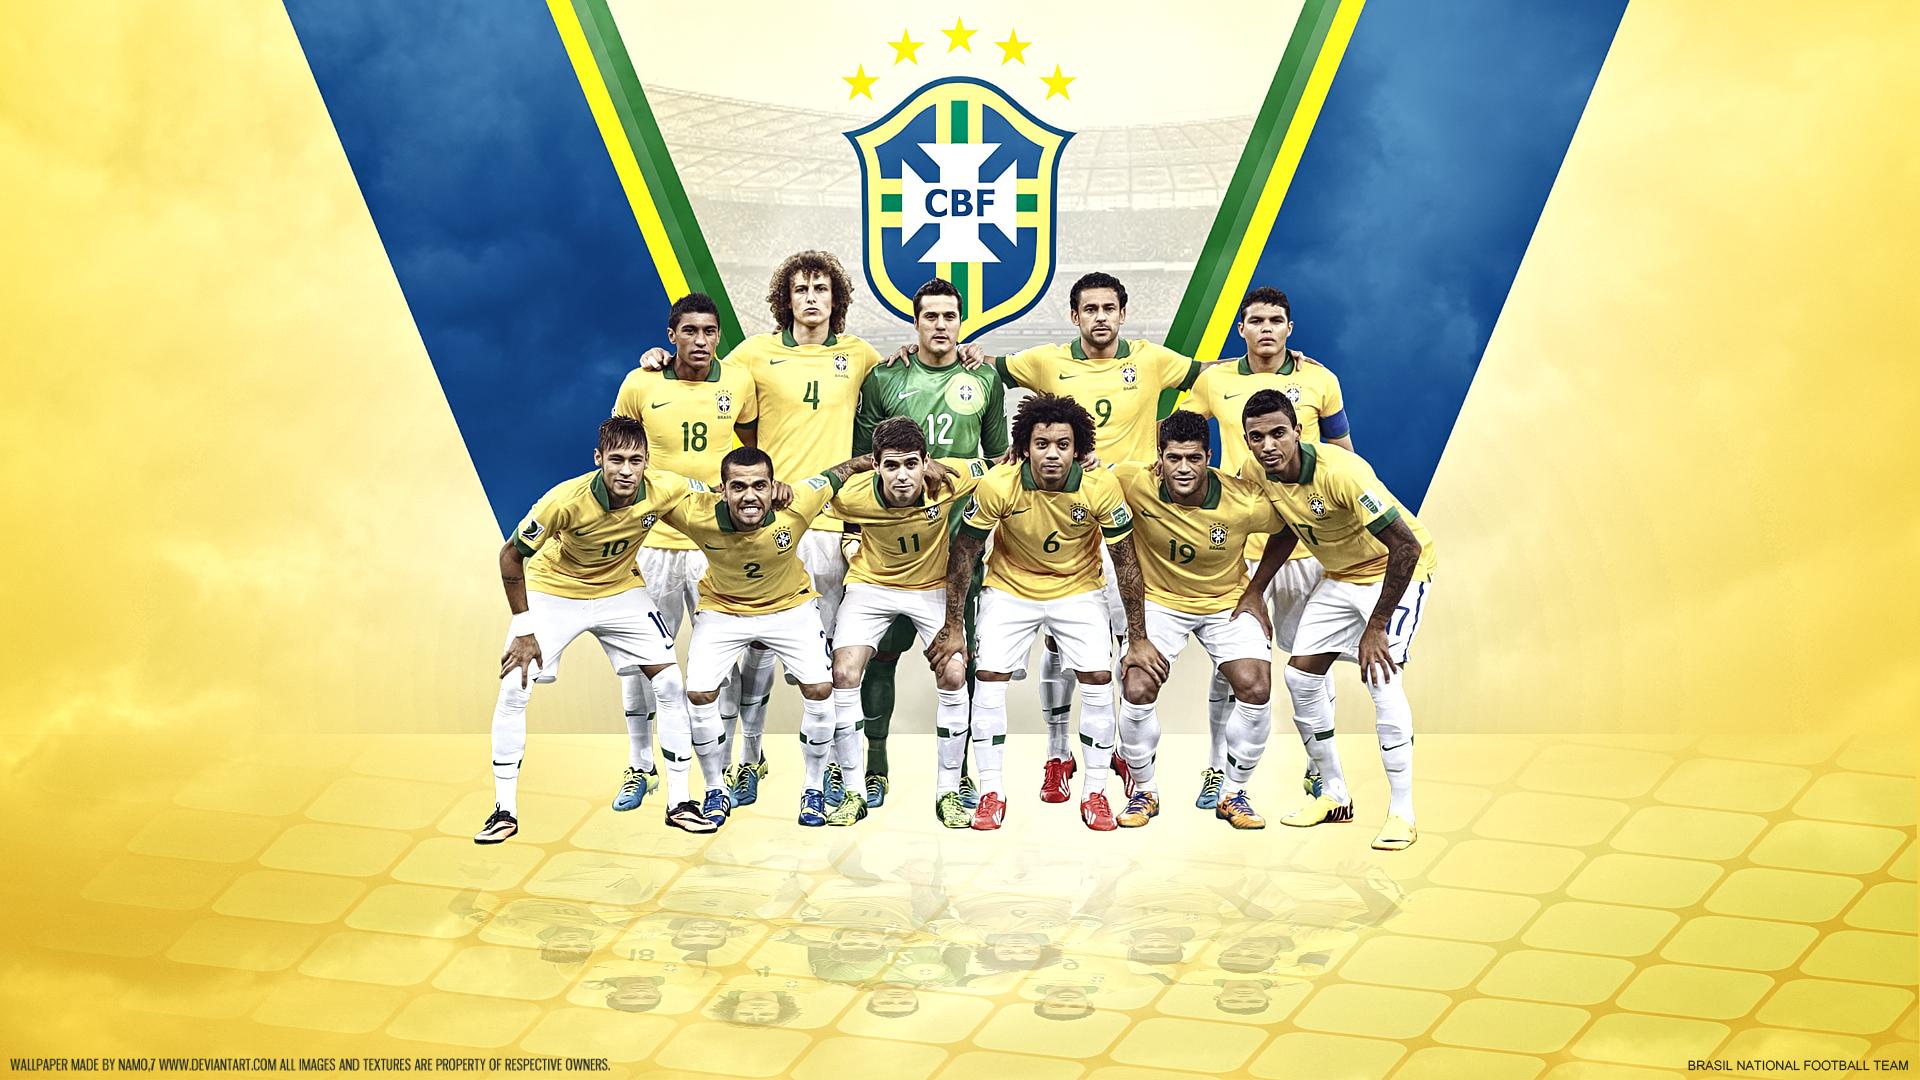 обои на рабочий стол бразилия футбол травмировать только-только пророщенные